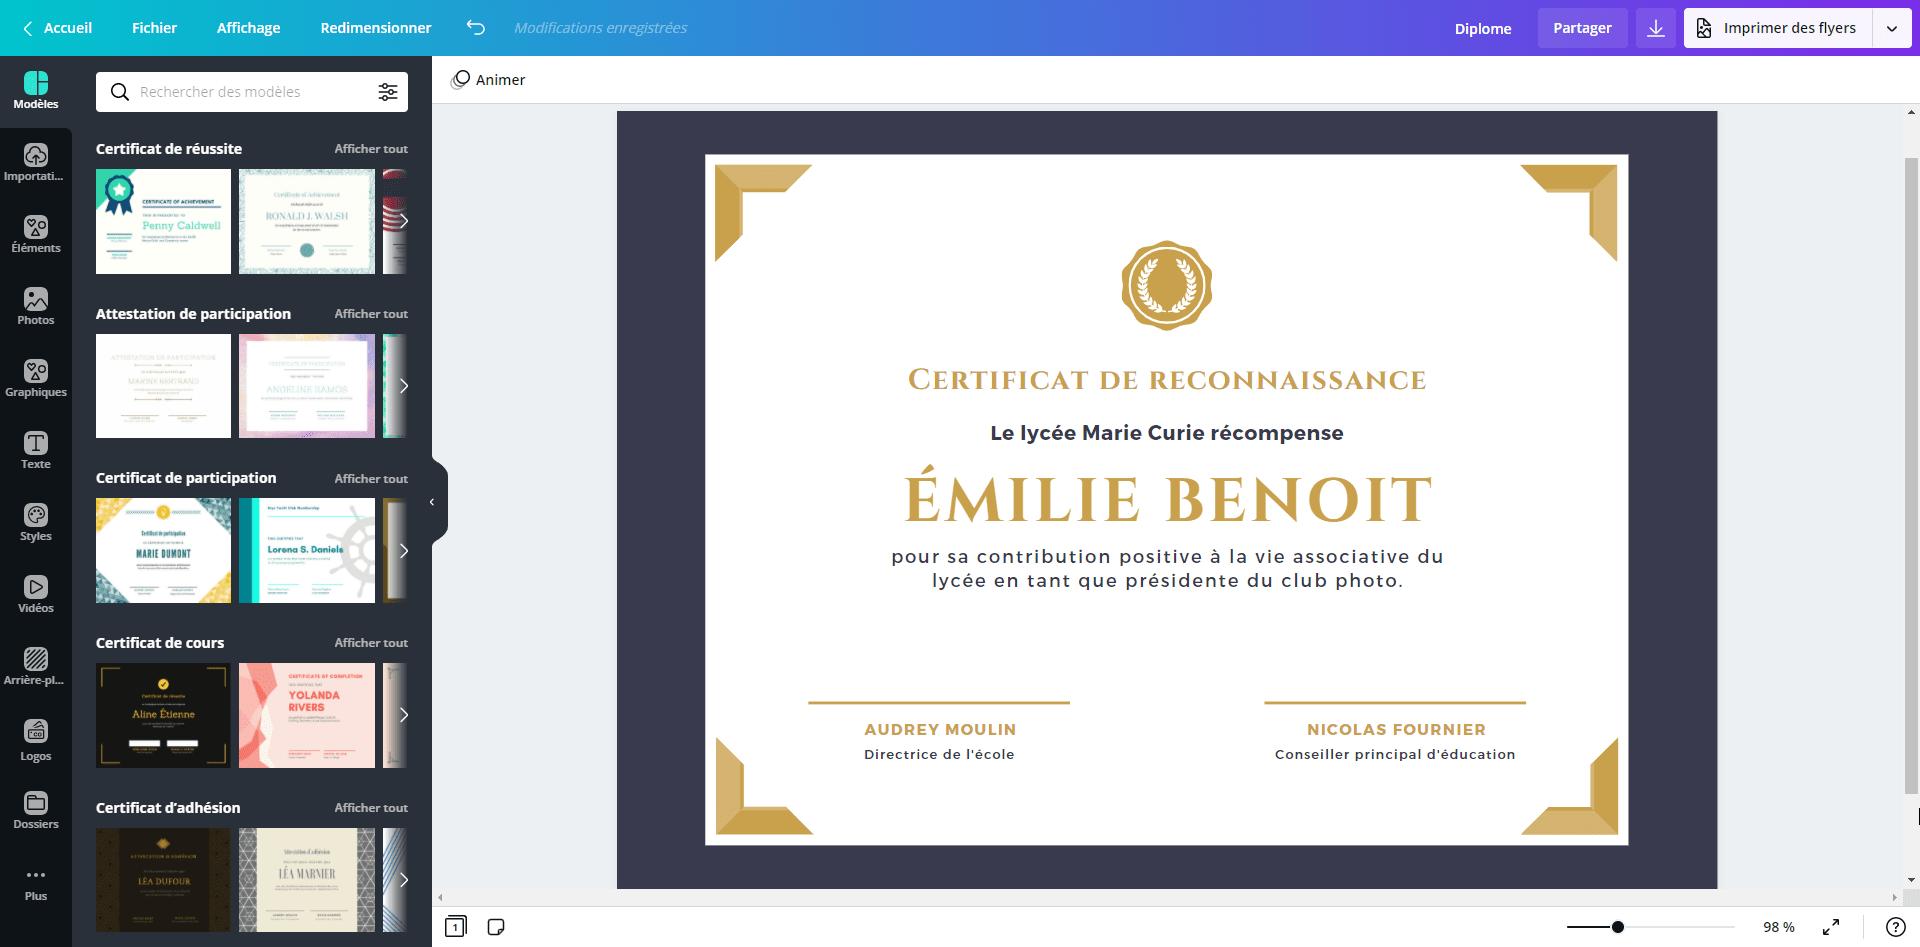 Modele De Diplome Vierge Gratuit A Imprimer Canva